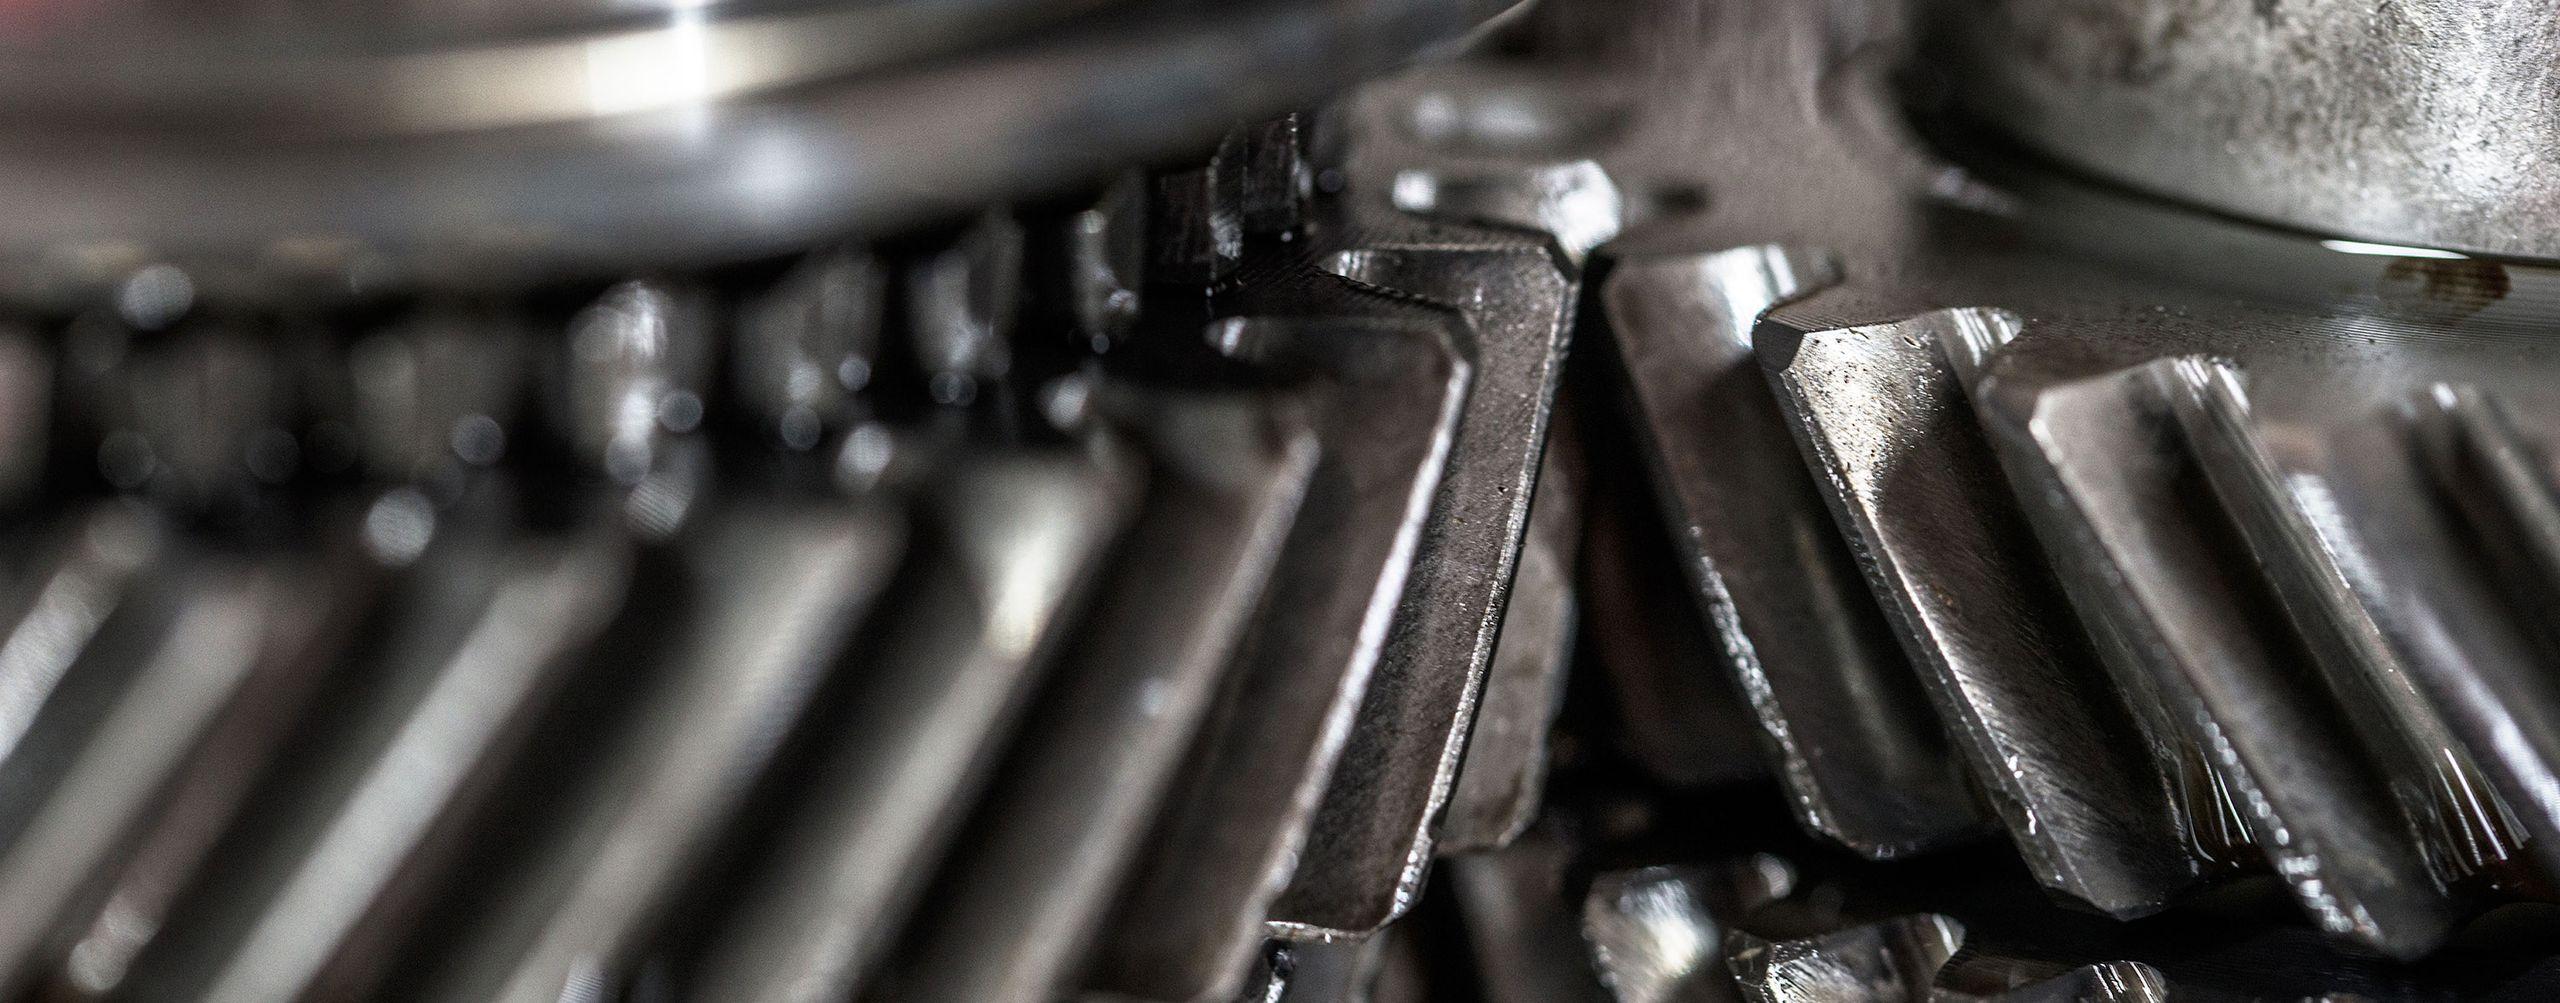 Getriebereparatur in der hauseigenen Motorenwerkstatt